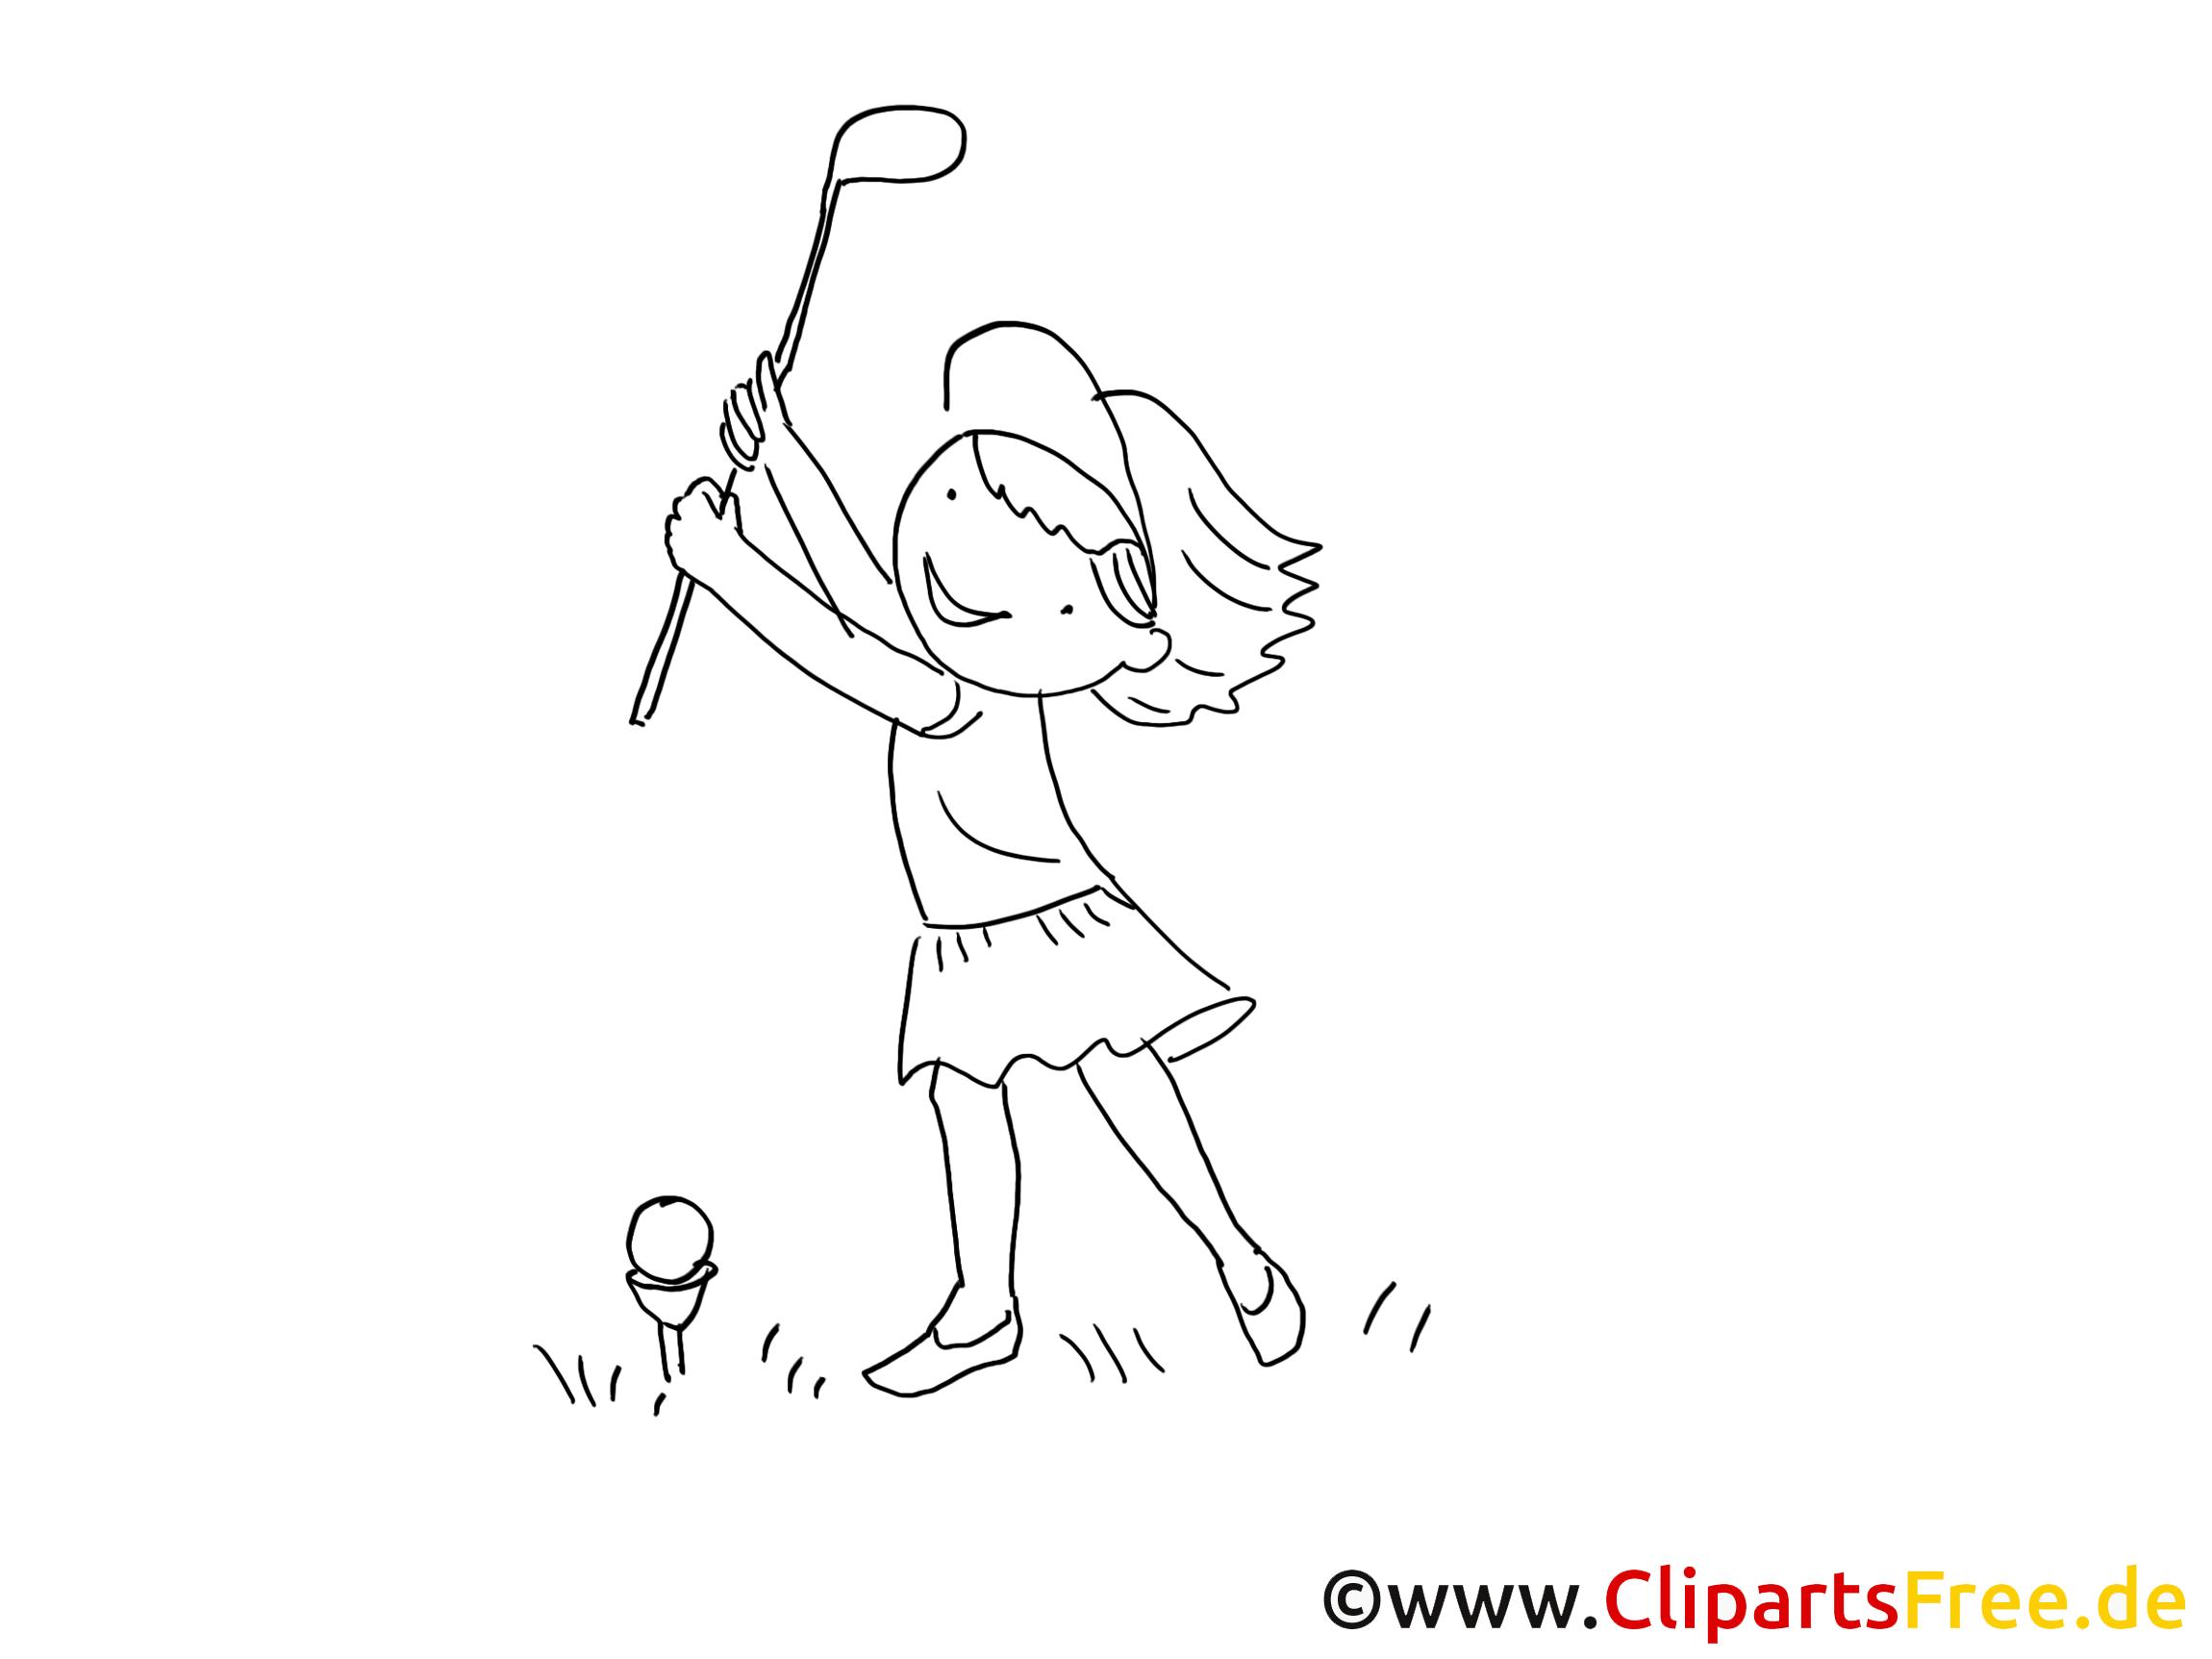 Speel zwart en wit met golf